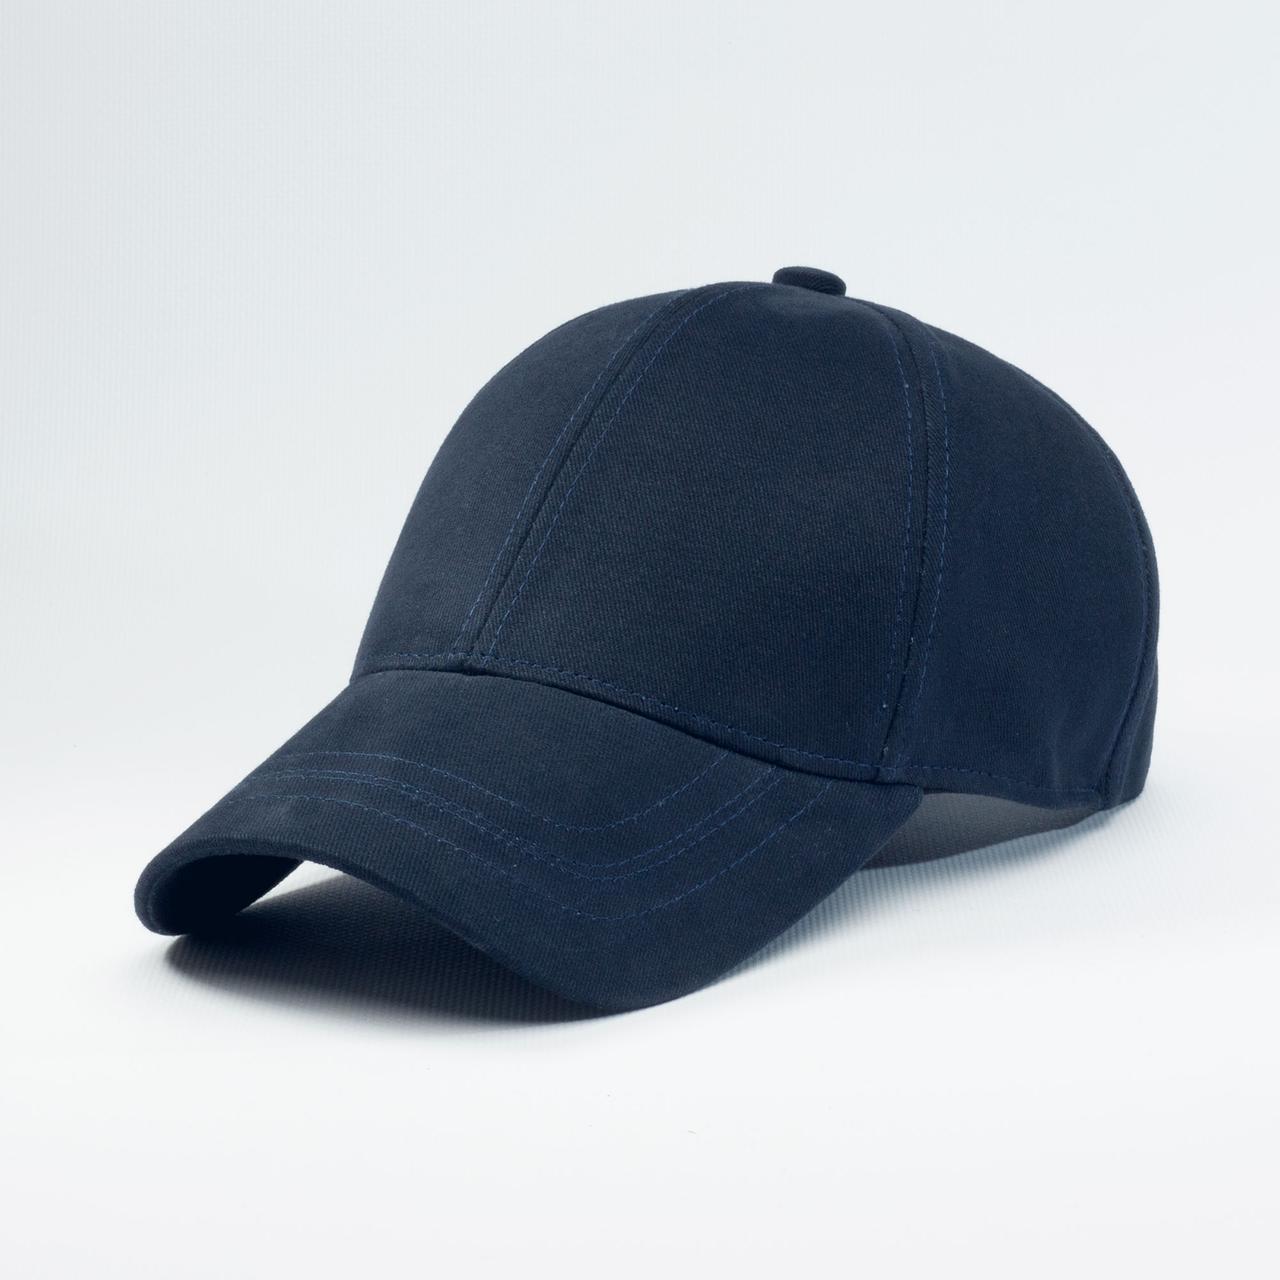 Бейсболка с низким куполом INAL 6 панелей M / 55-56 RU Синий 56755